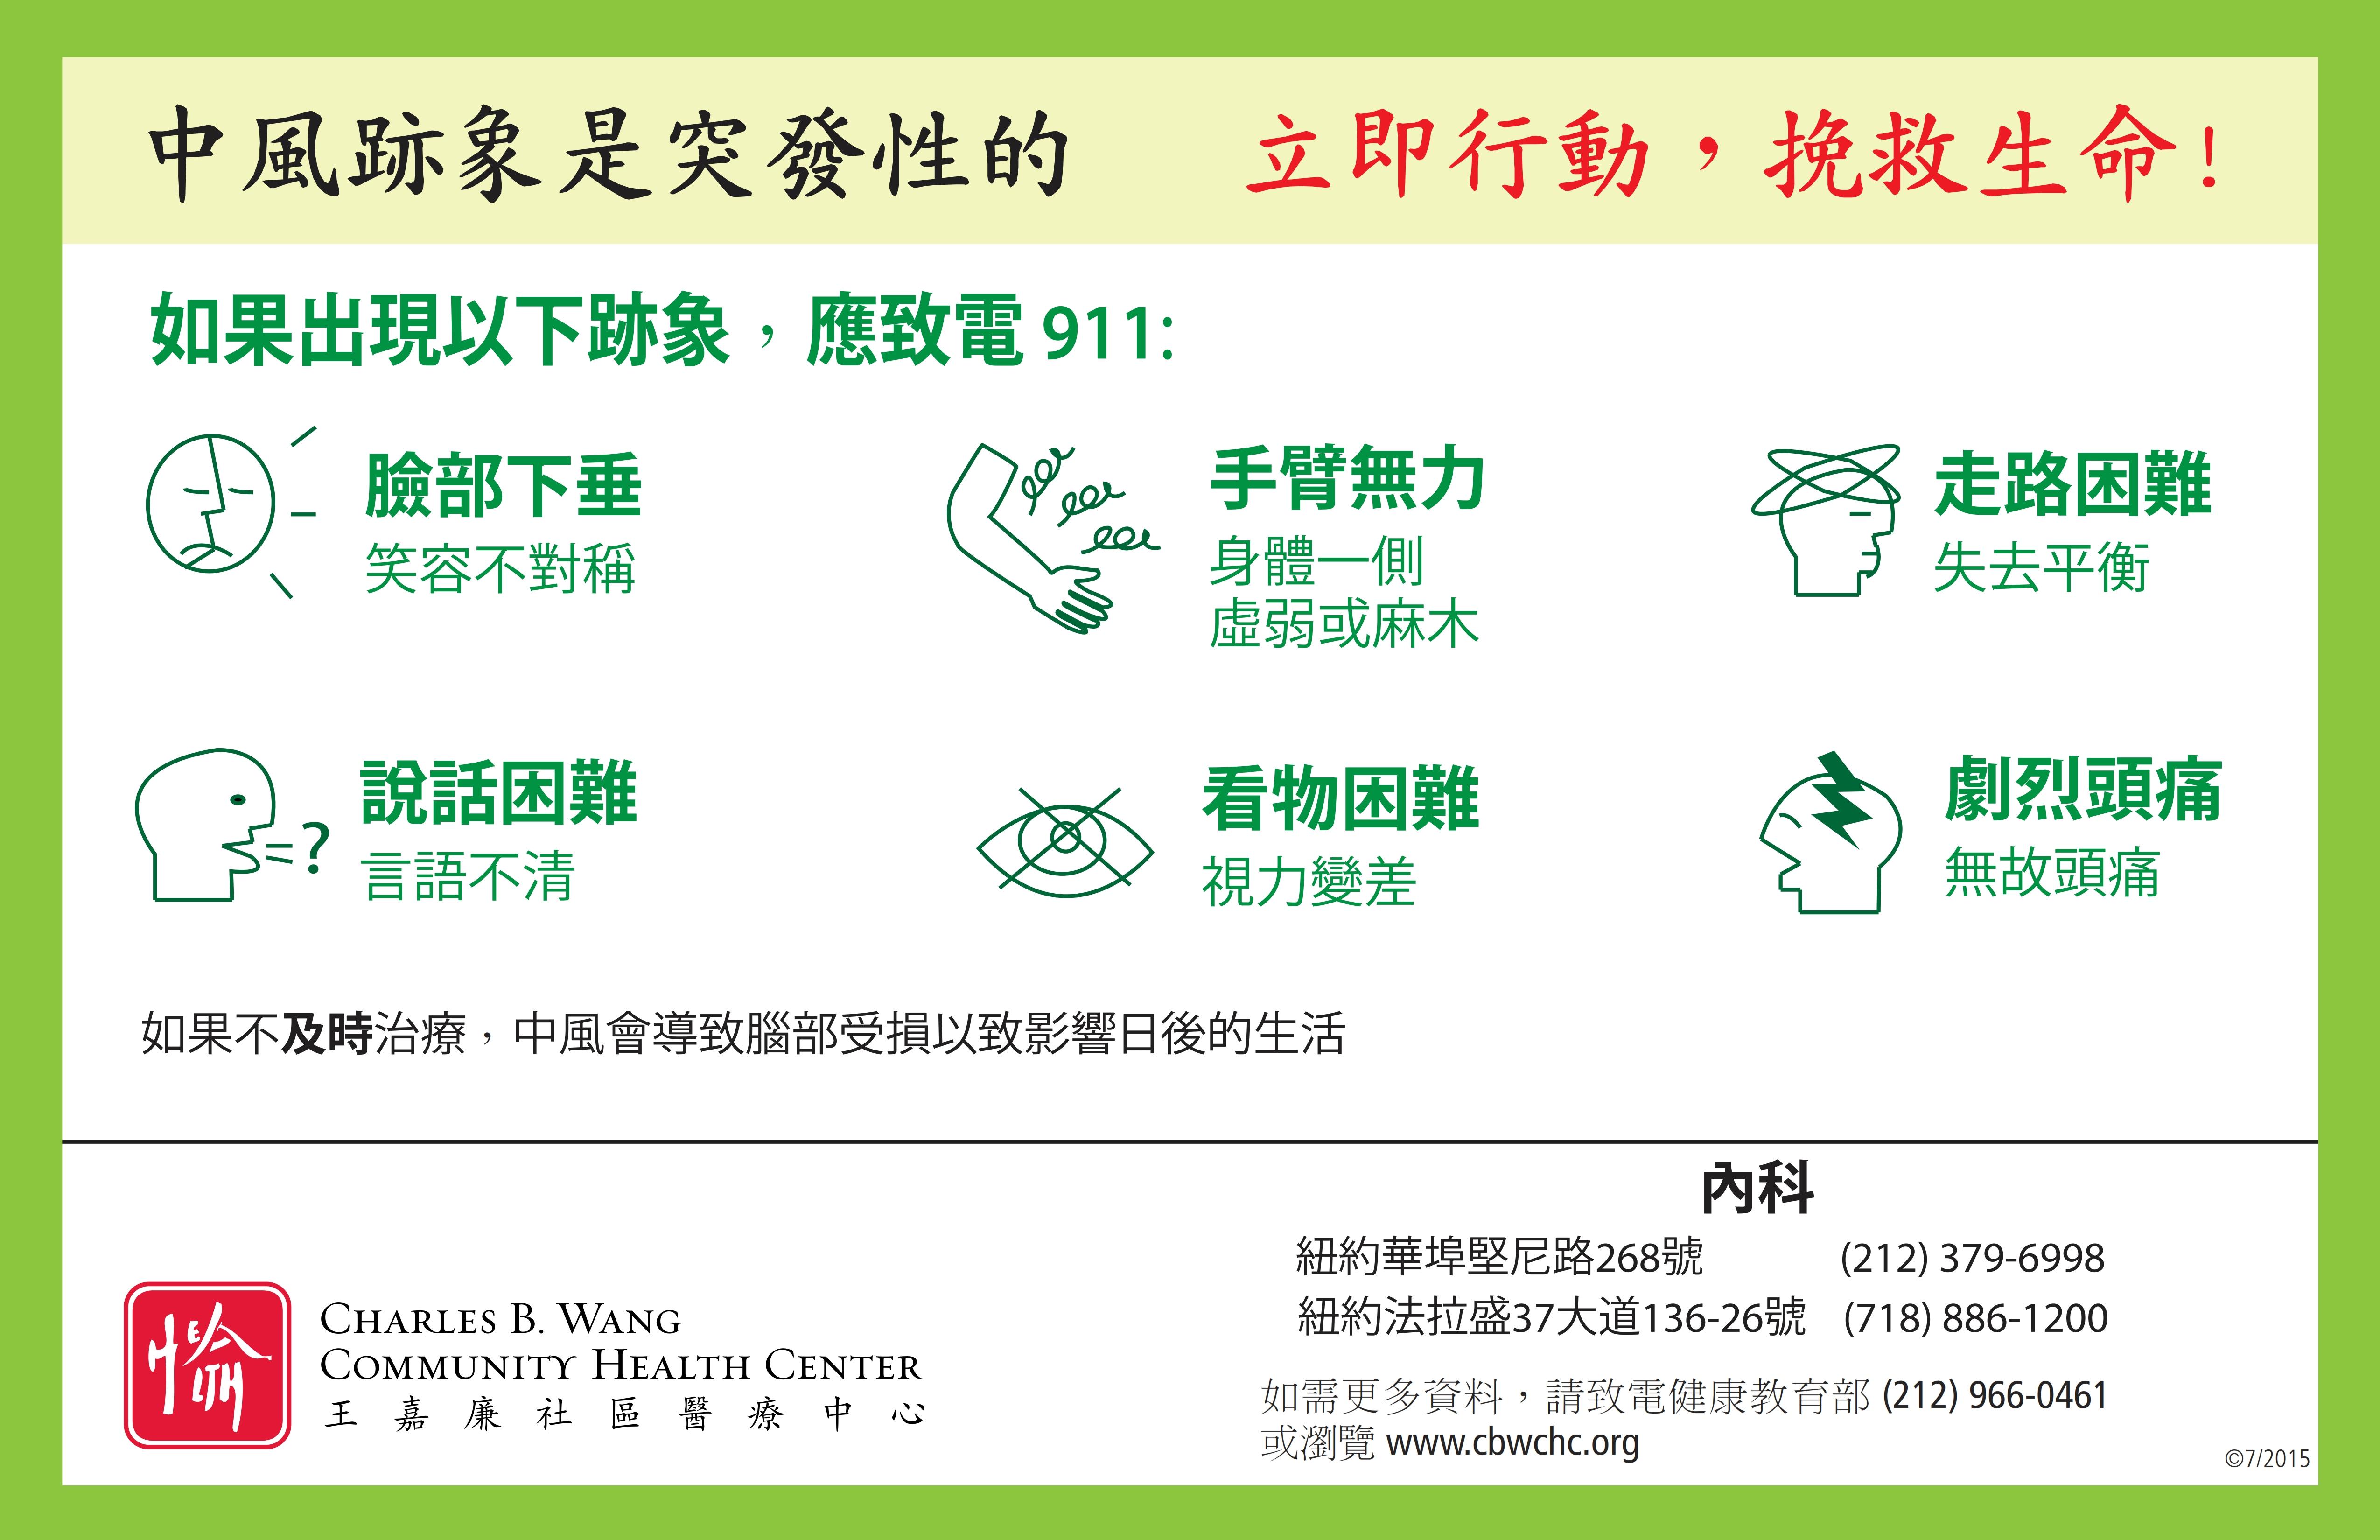 認識中風的跡象及如何預防中風 – 王嘉廉社區醫療中心博客